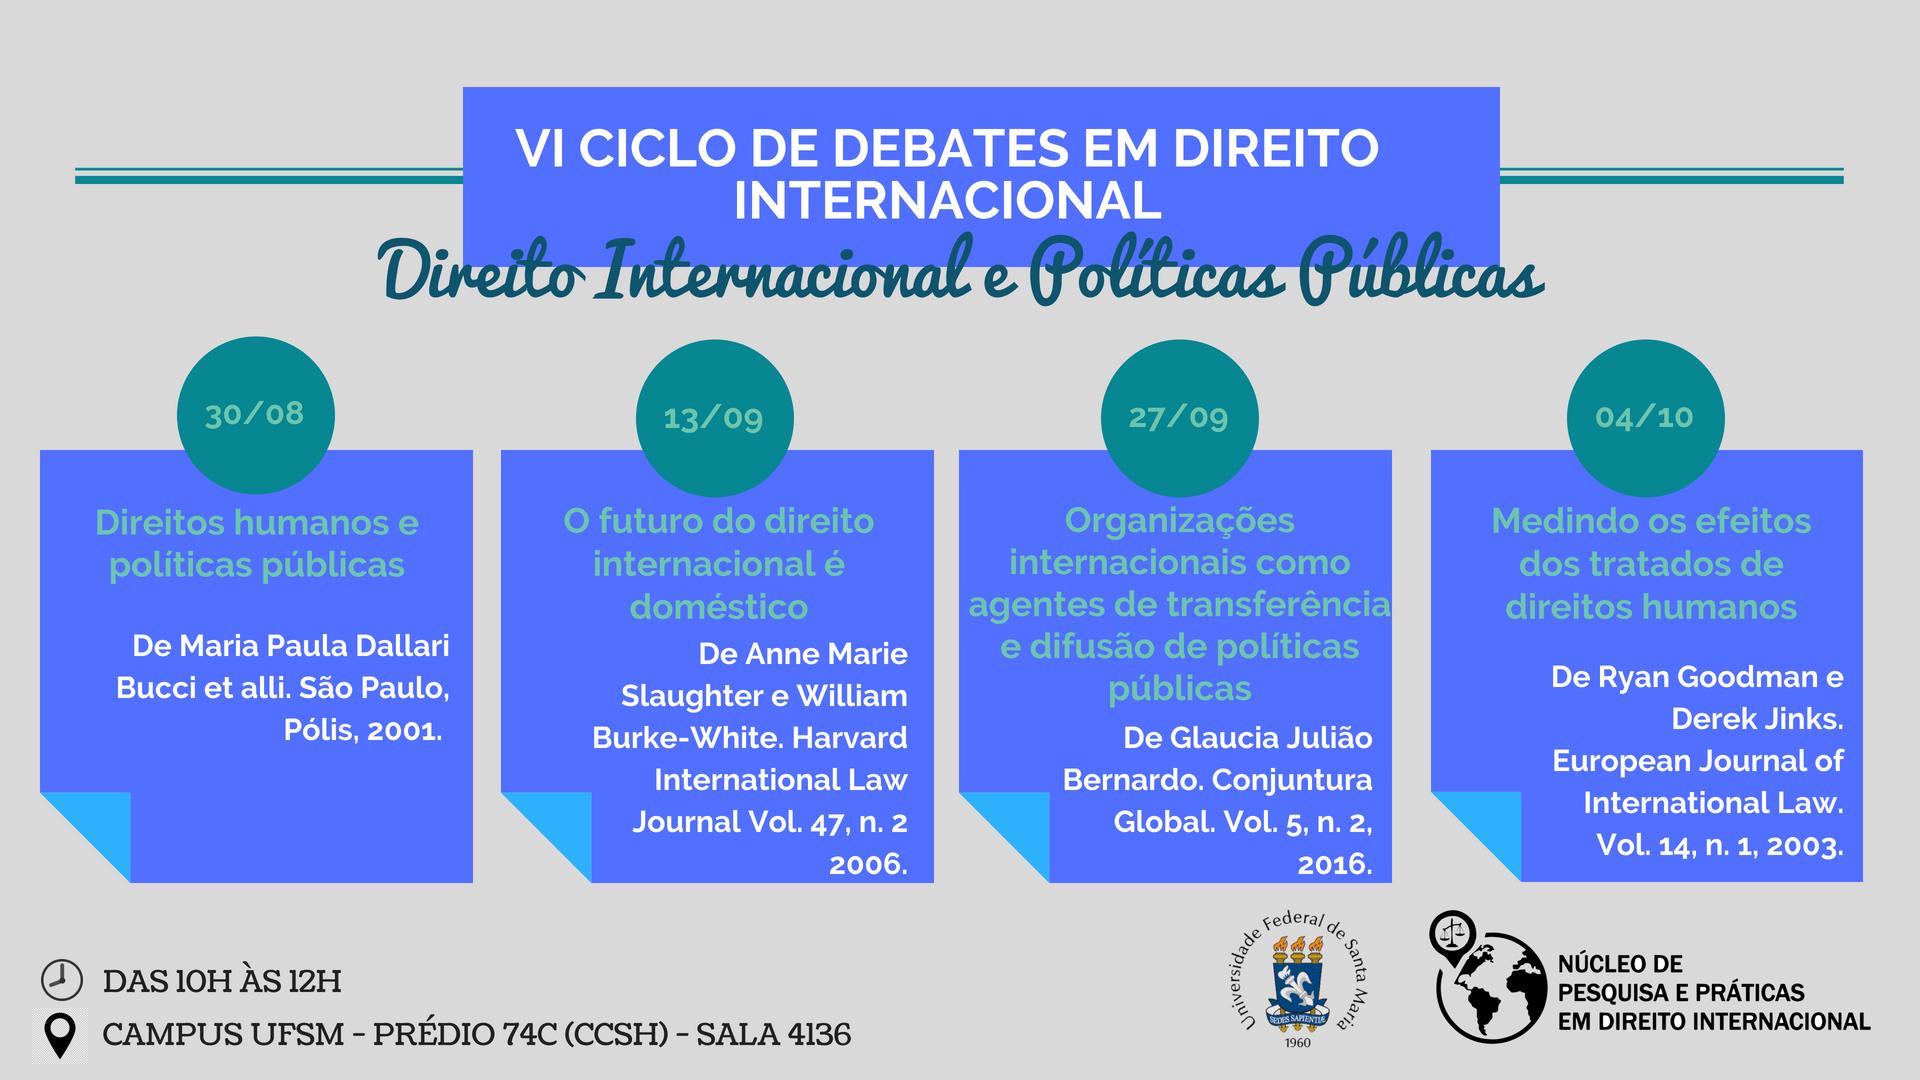 VI Ciclo de Debates em Direito Internacional